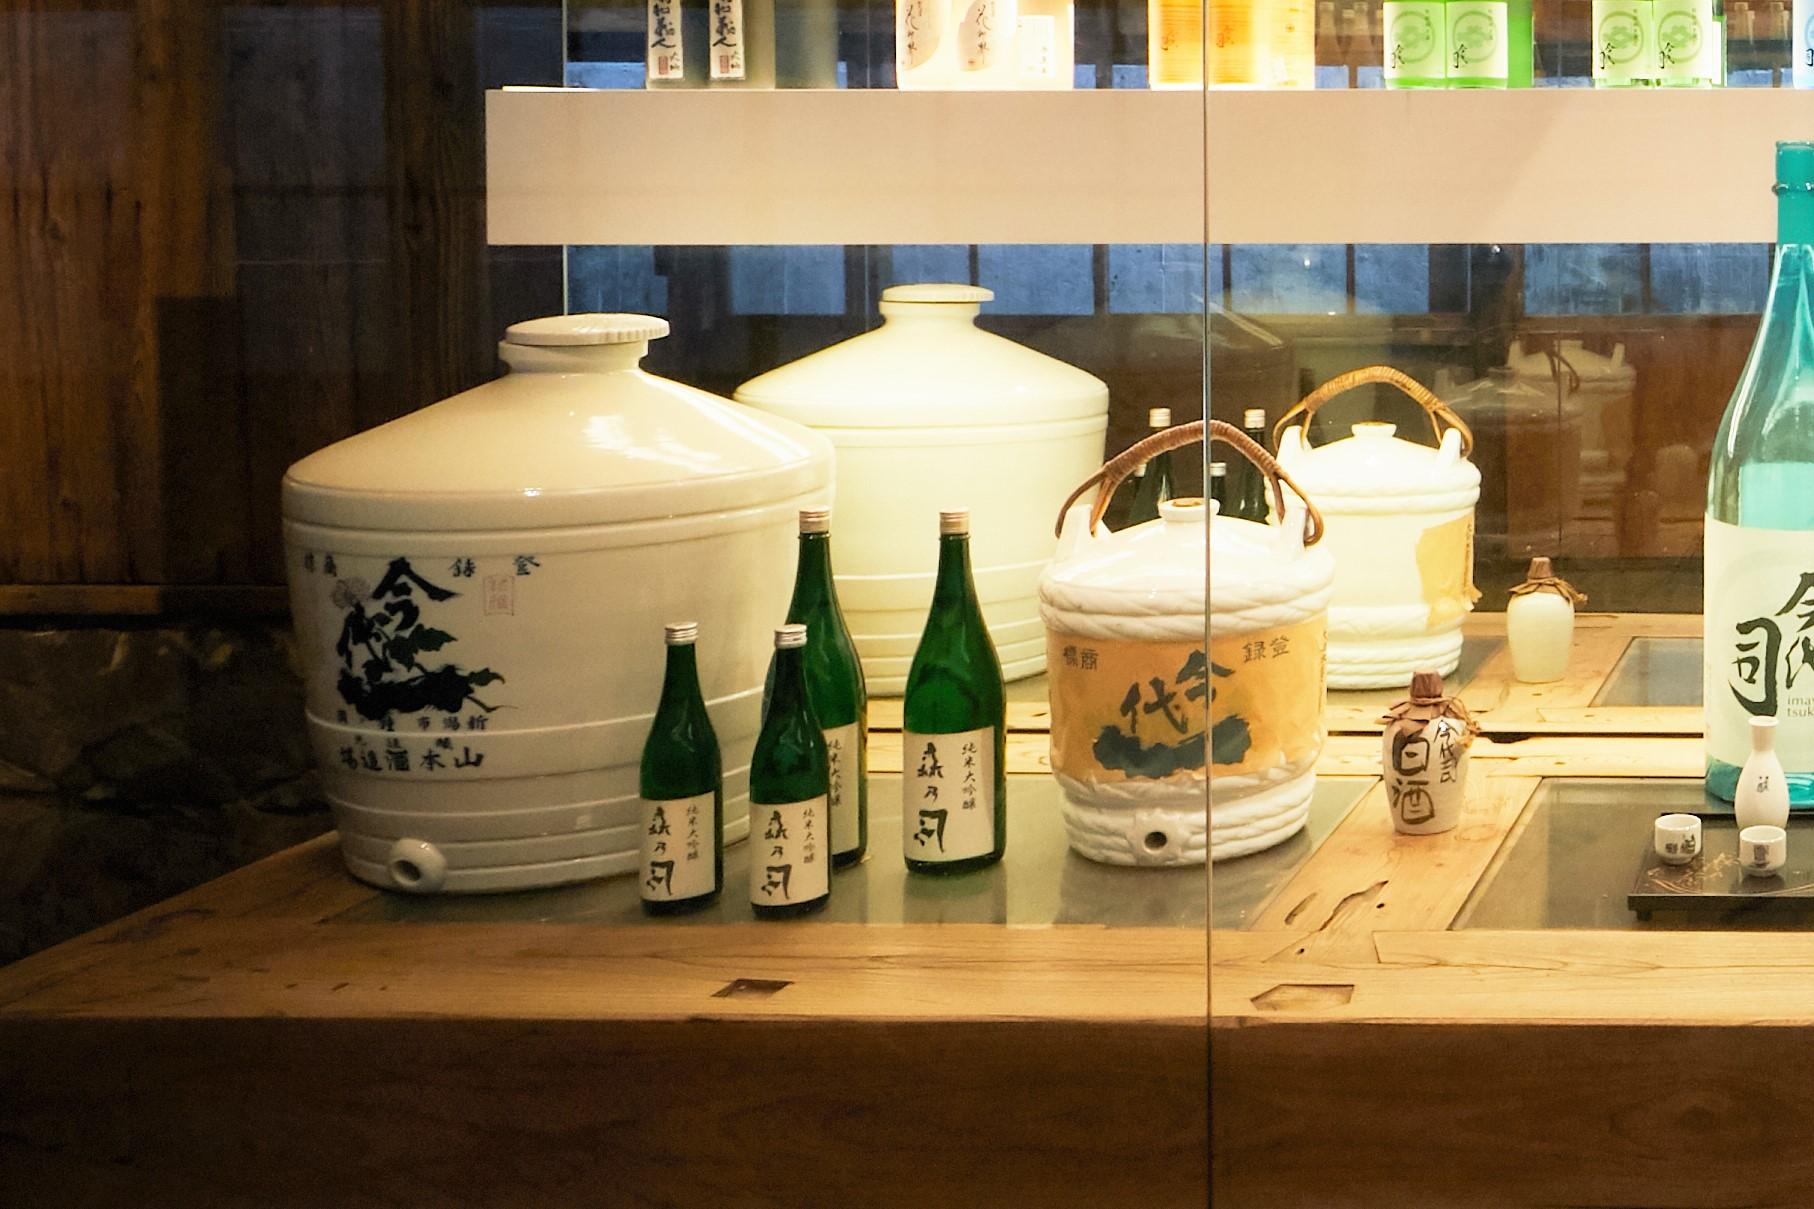 今代司酒造 直売店で『蔵元限定純米酒 今代一(いまよいち)』4月28日(水)発売!明治期のレトロなラベルを復刻、木桶仕込み純米酒をつかったオリジナルブレンド